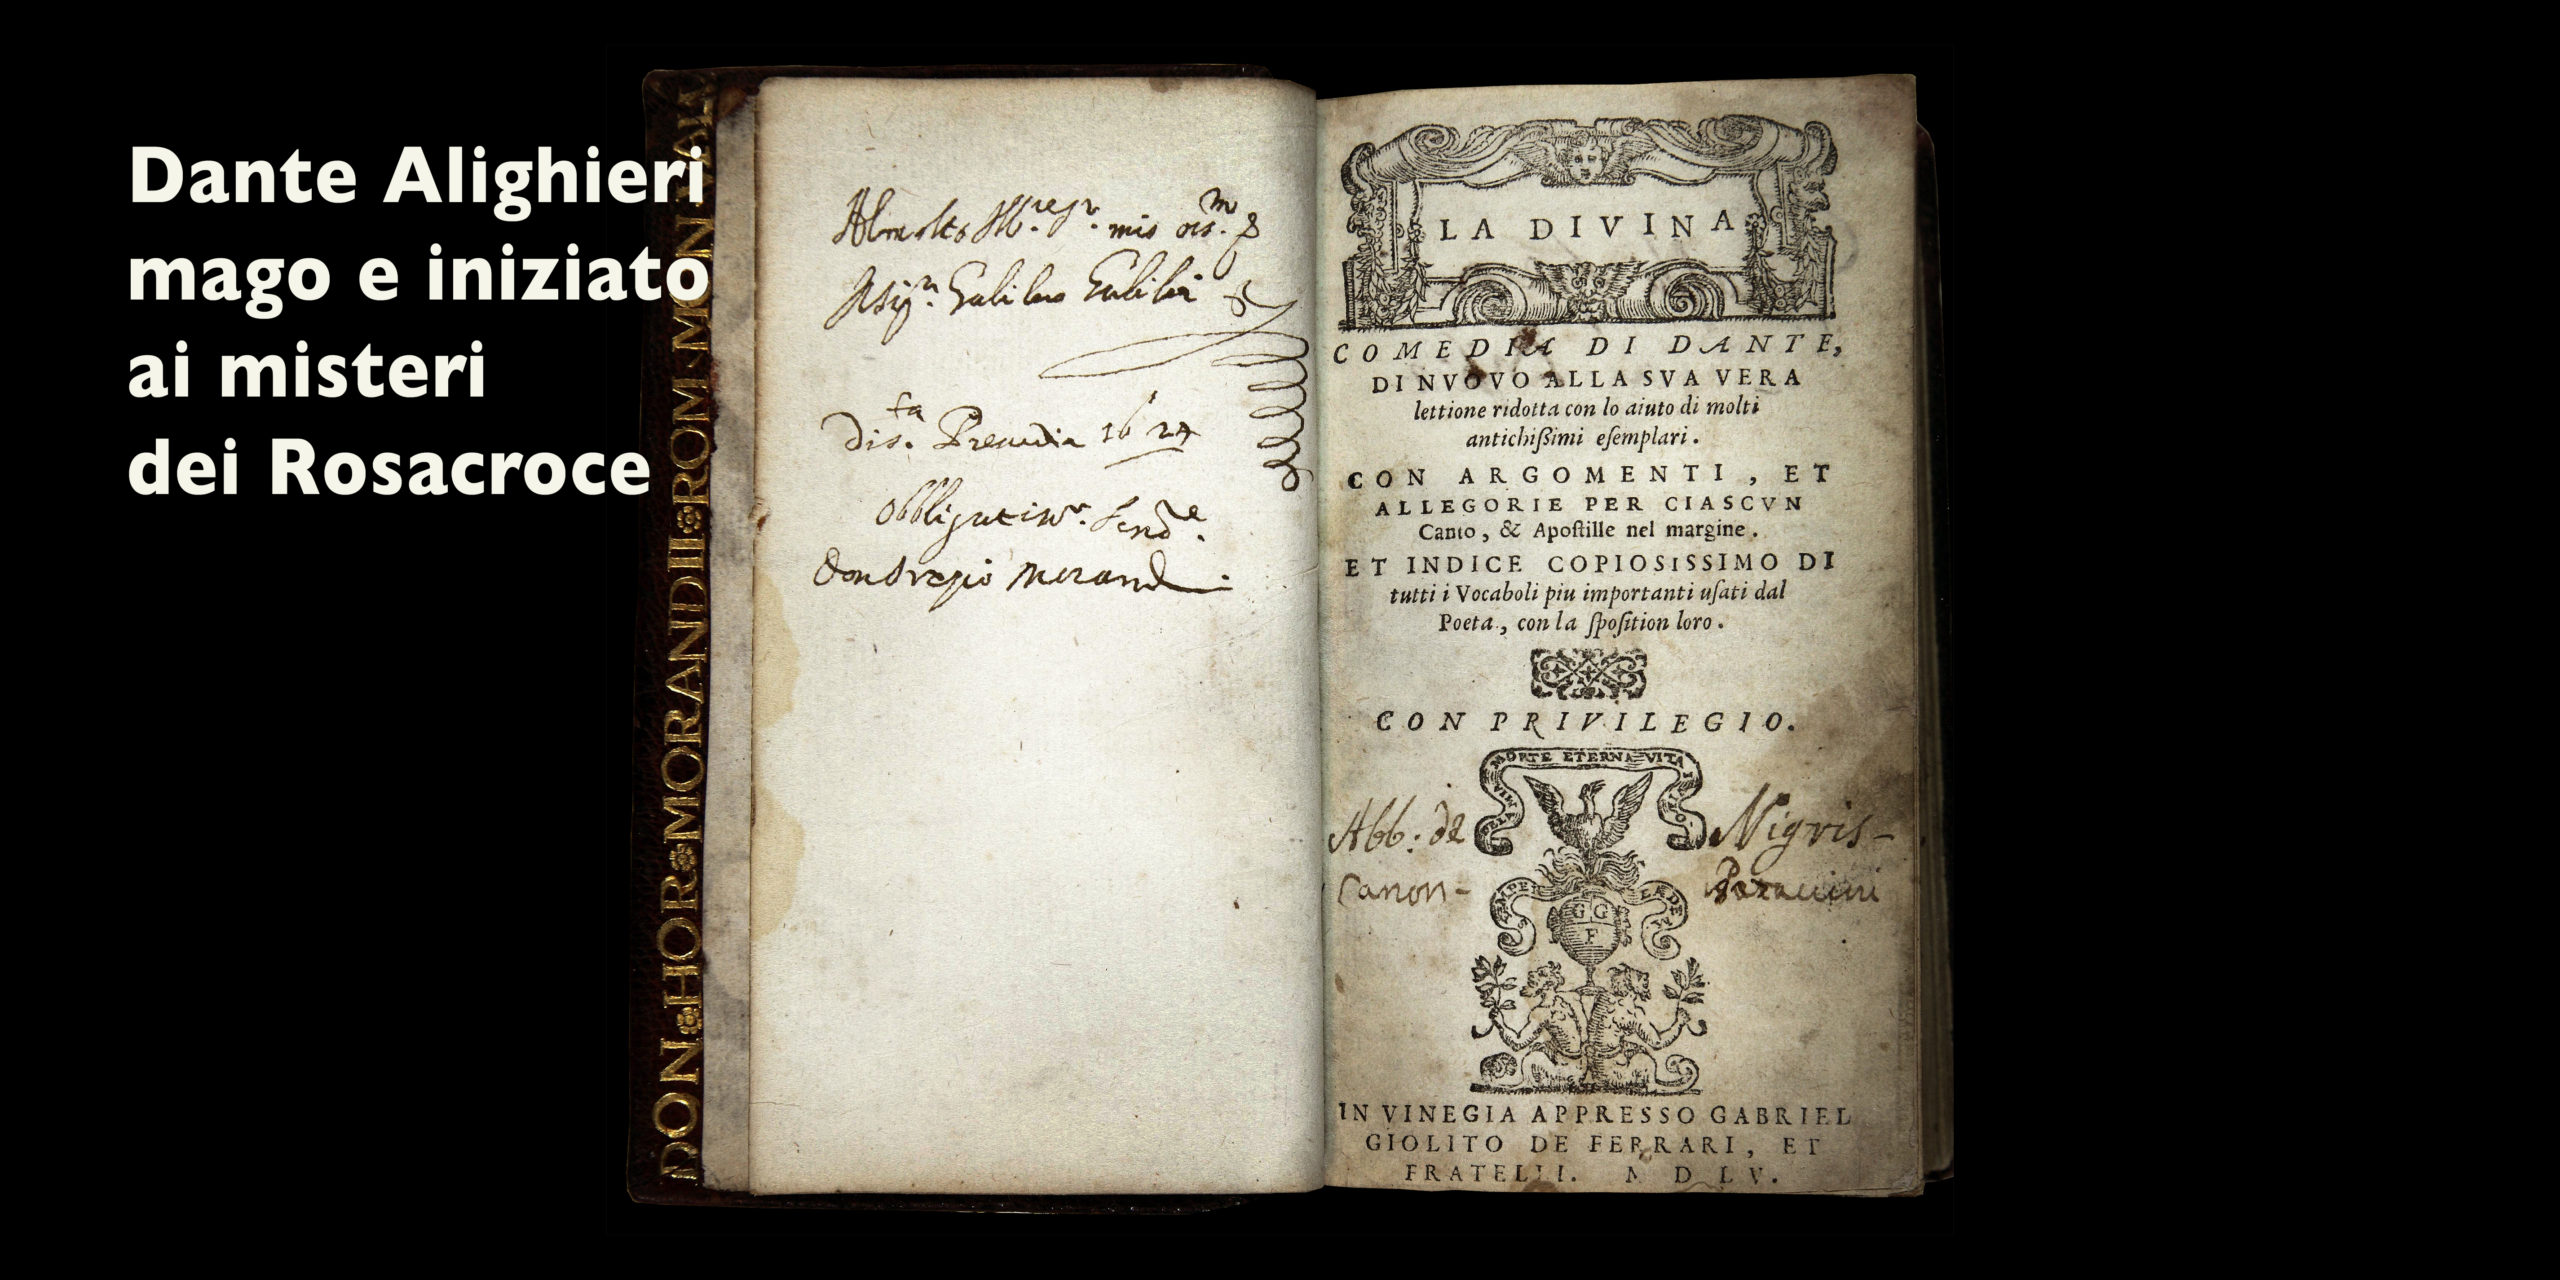 Copia di Galileo Galilei della prima edizione Gioliti della Divina Commedia (1555)